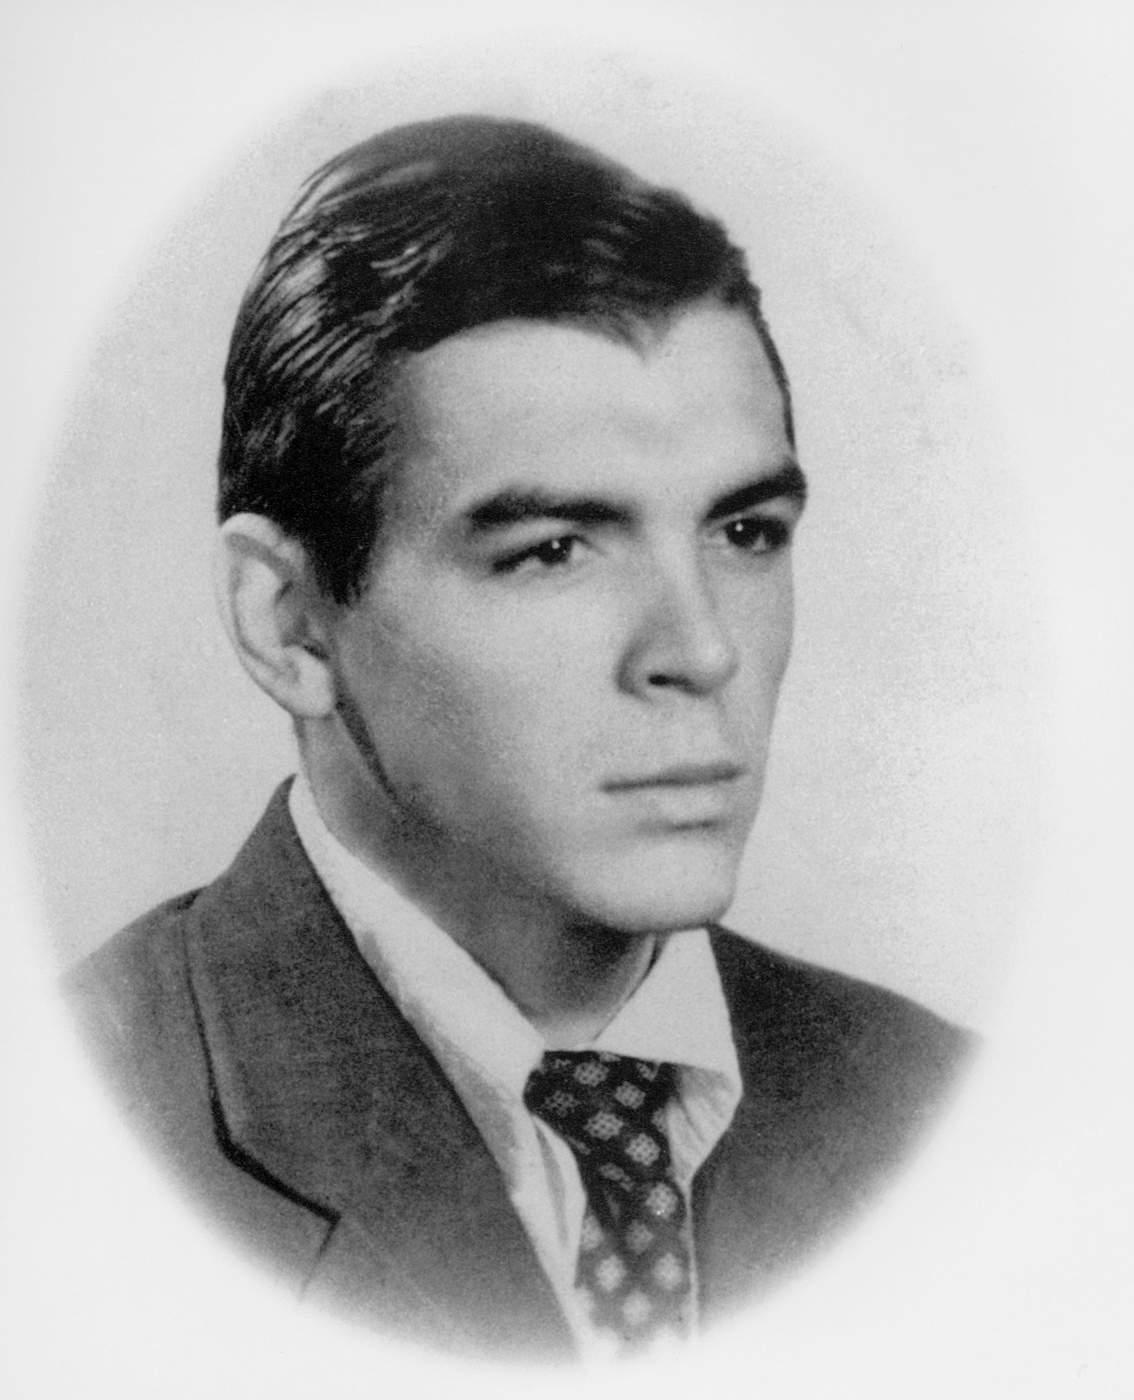 Ernesto Guevara poco antes de licenciarse en la facultad de medicina, a principios de los años 50.  (Apic\/Getty Images)